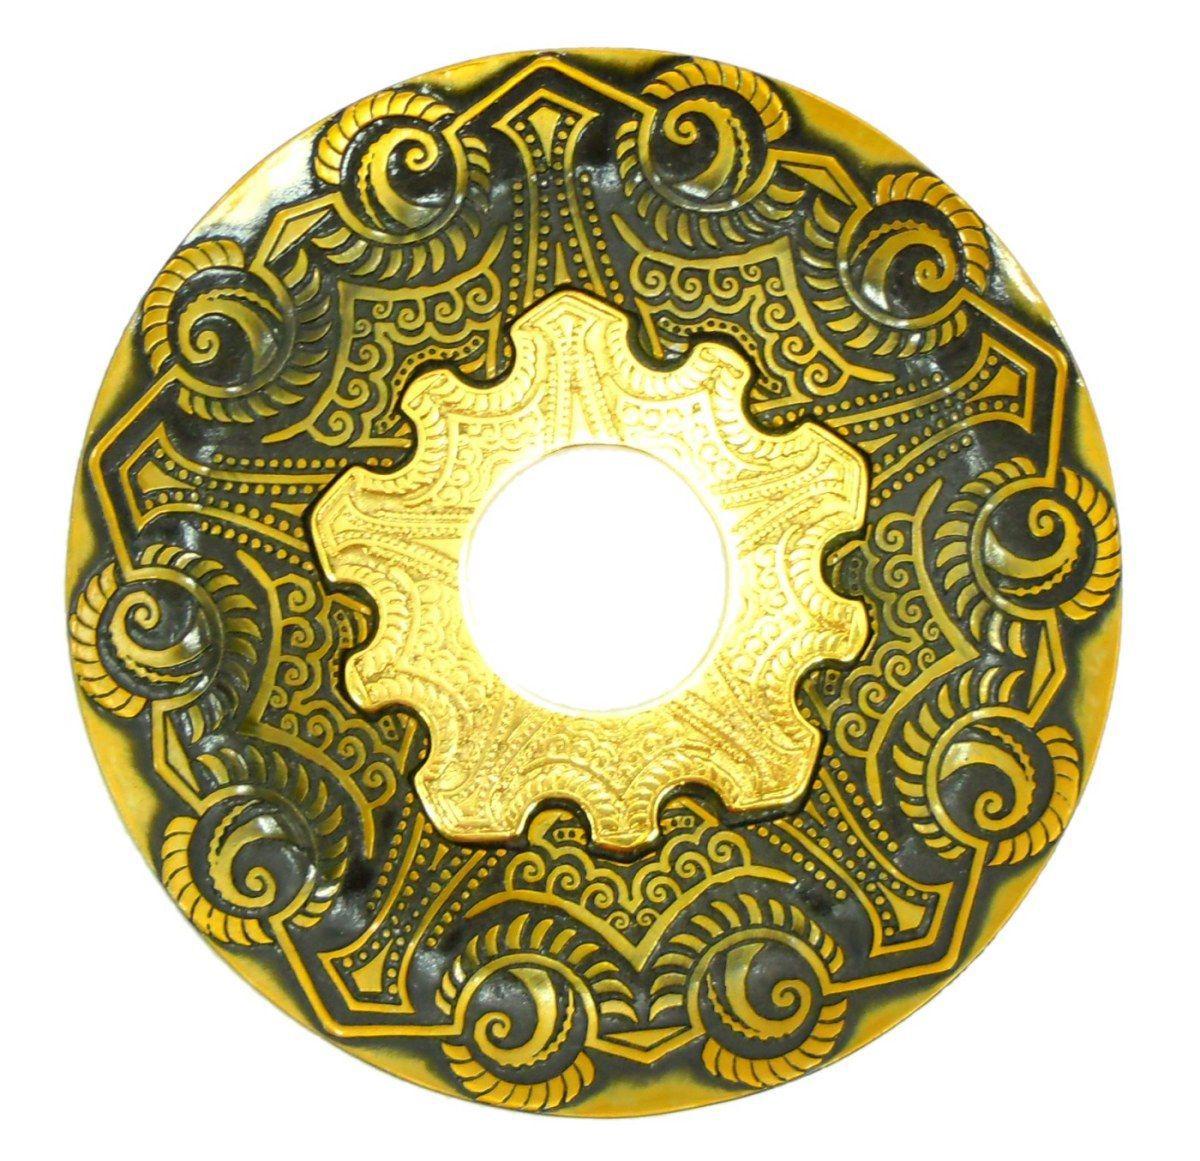 Prato para narguile modelo Vennus 17cm de diâmetro. Liga metálica inox e decorado. OURO VELHO. Centro Dourado